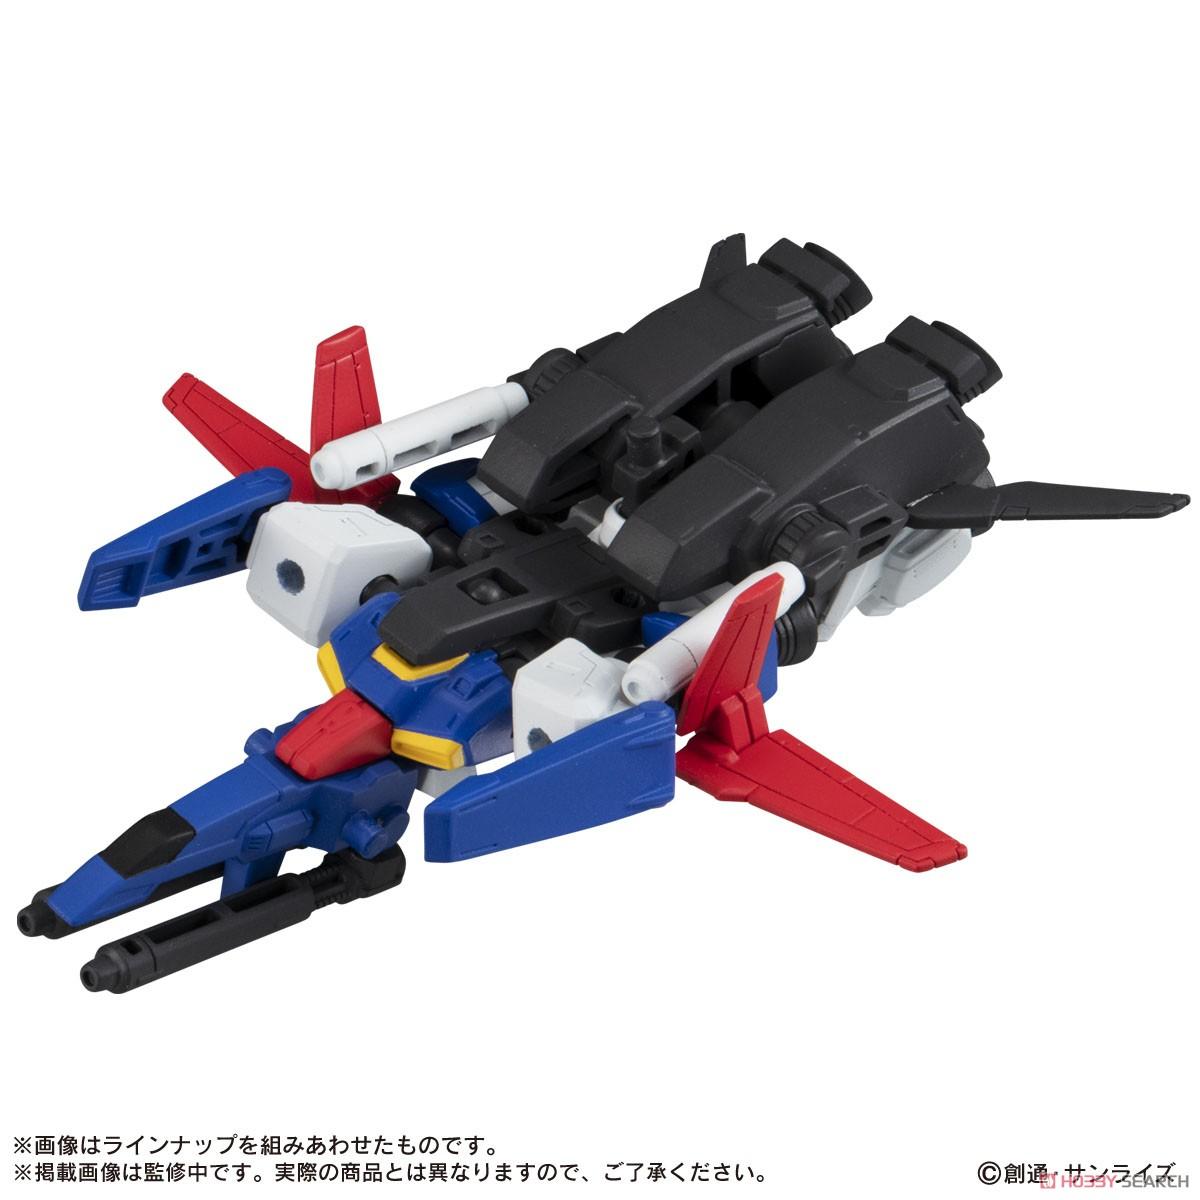 機動戦士ガンダム『MOBILE SUIT ENSEMBLE17』デフォルメ可動フィギュア 10個入りBOX-007